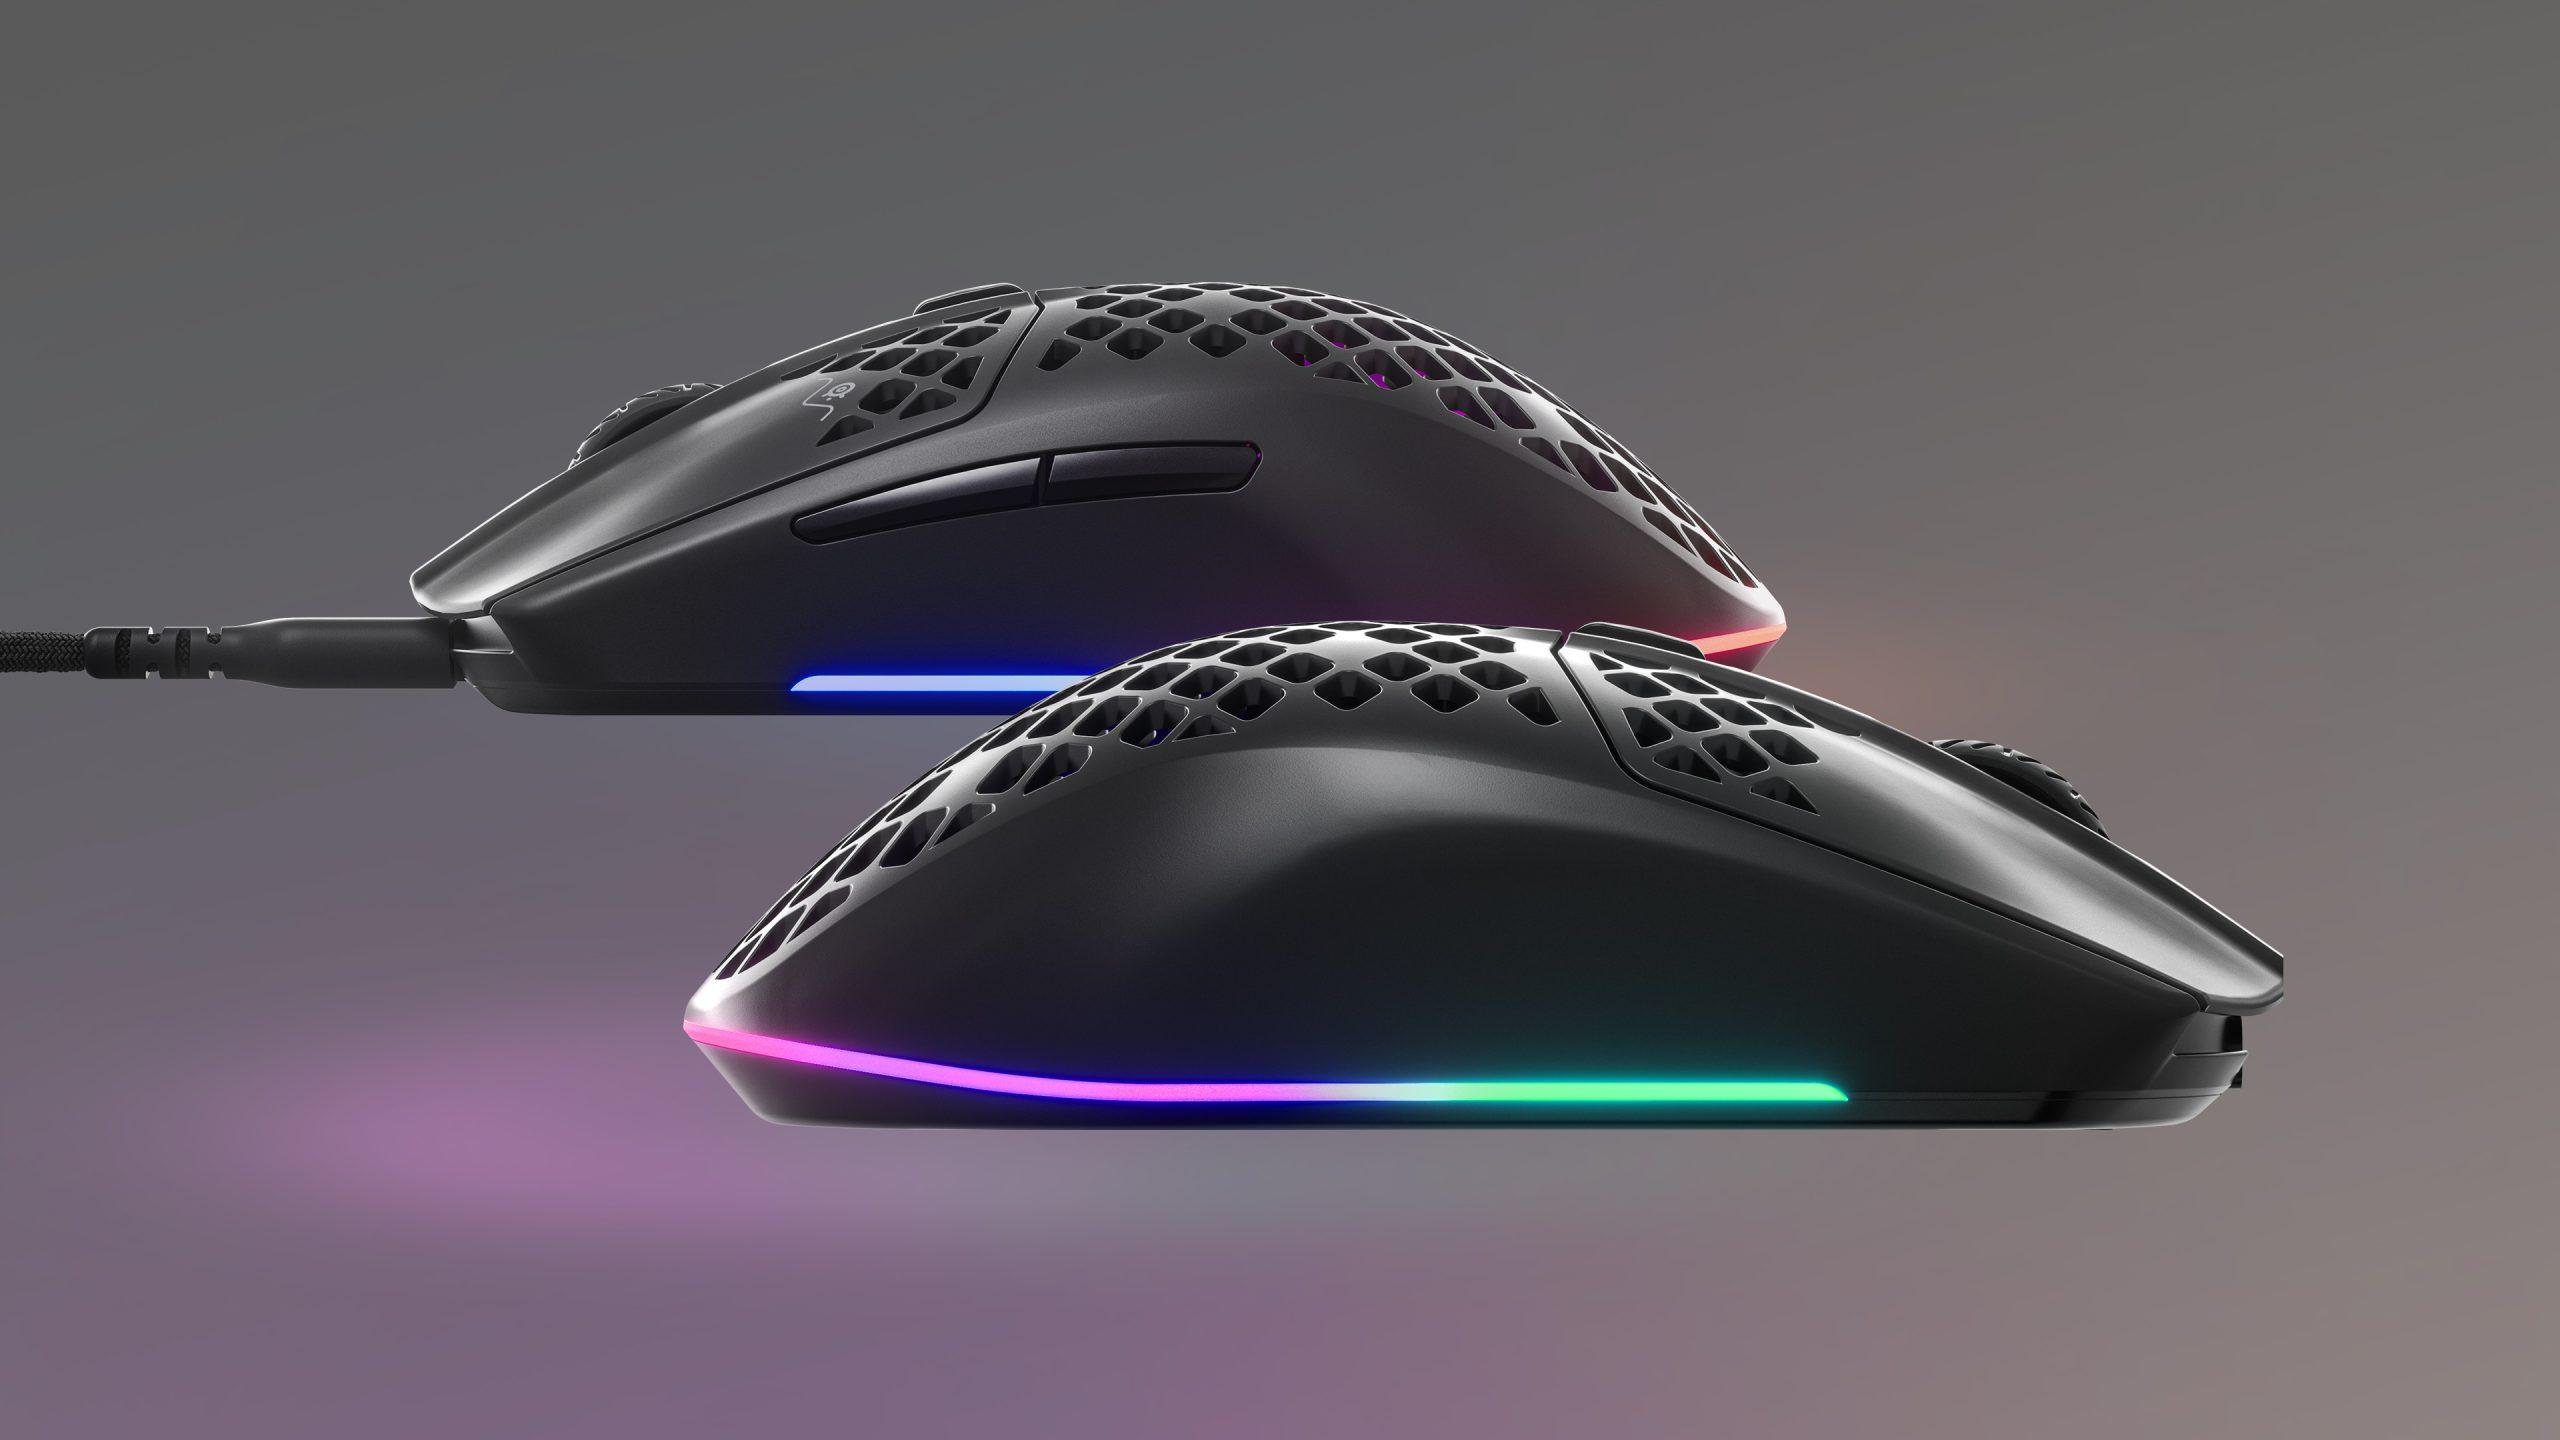 超輕巧 66 克!SteelSeries Aerox 3 Wireless 電競滑鼠面世